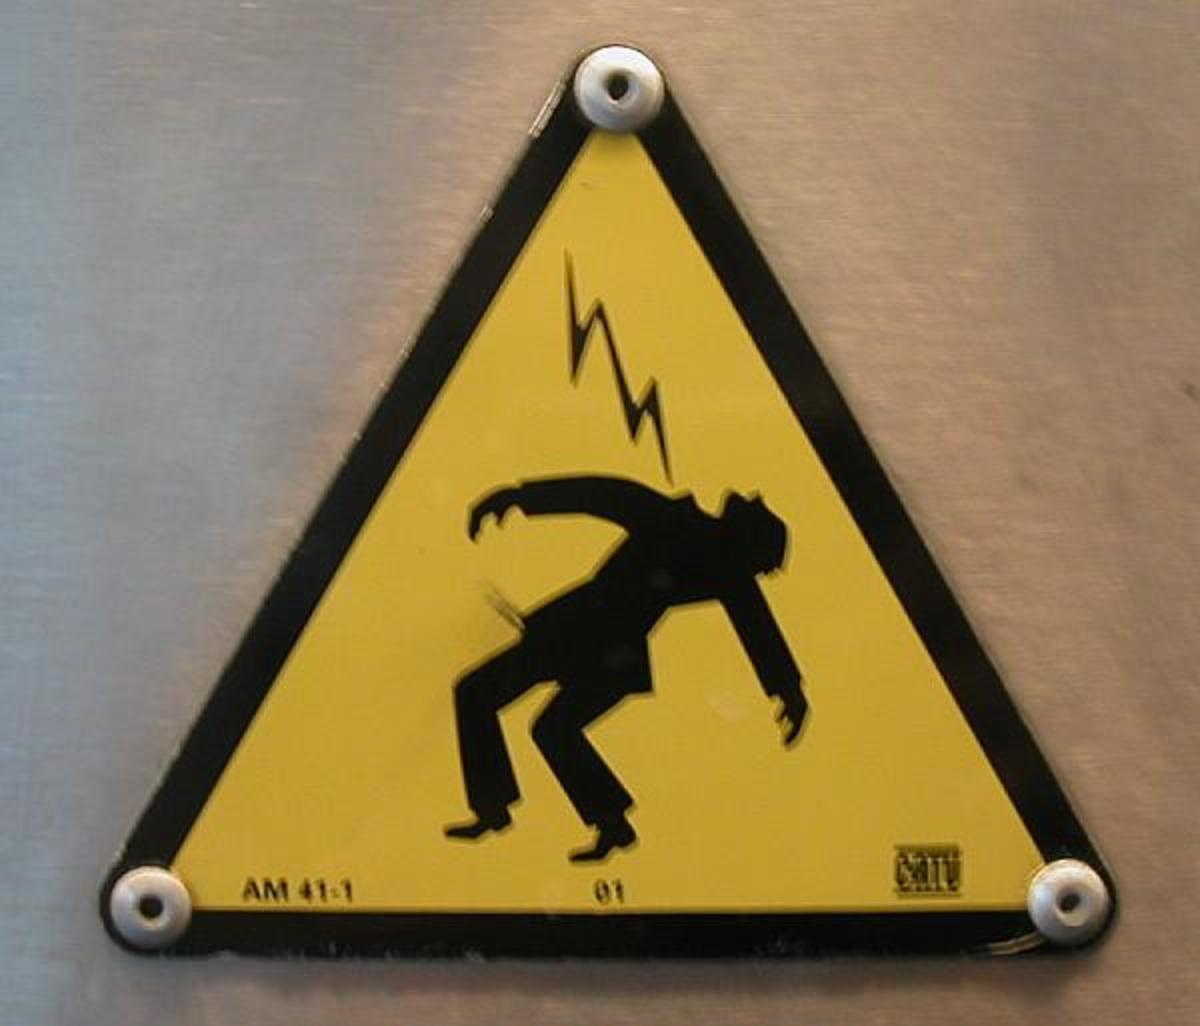 Πάργα: Θάνατος εργάτη από ηλεκτροπληξία! | Newsit.gr